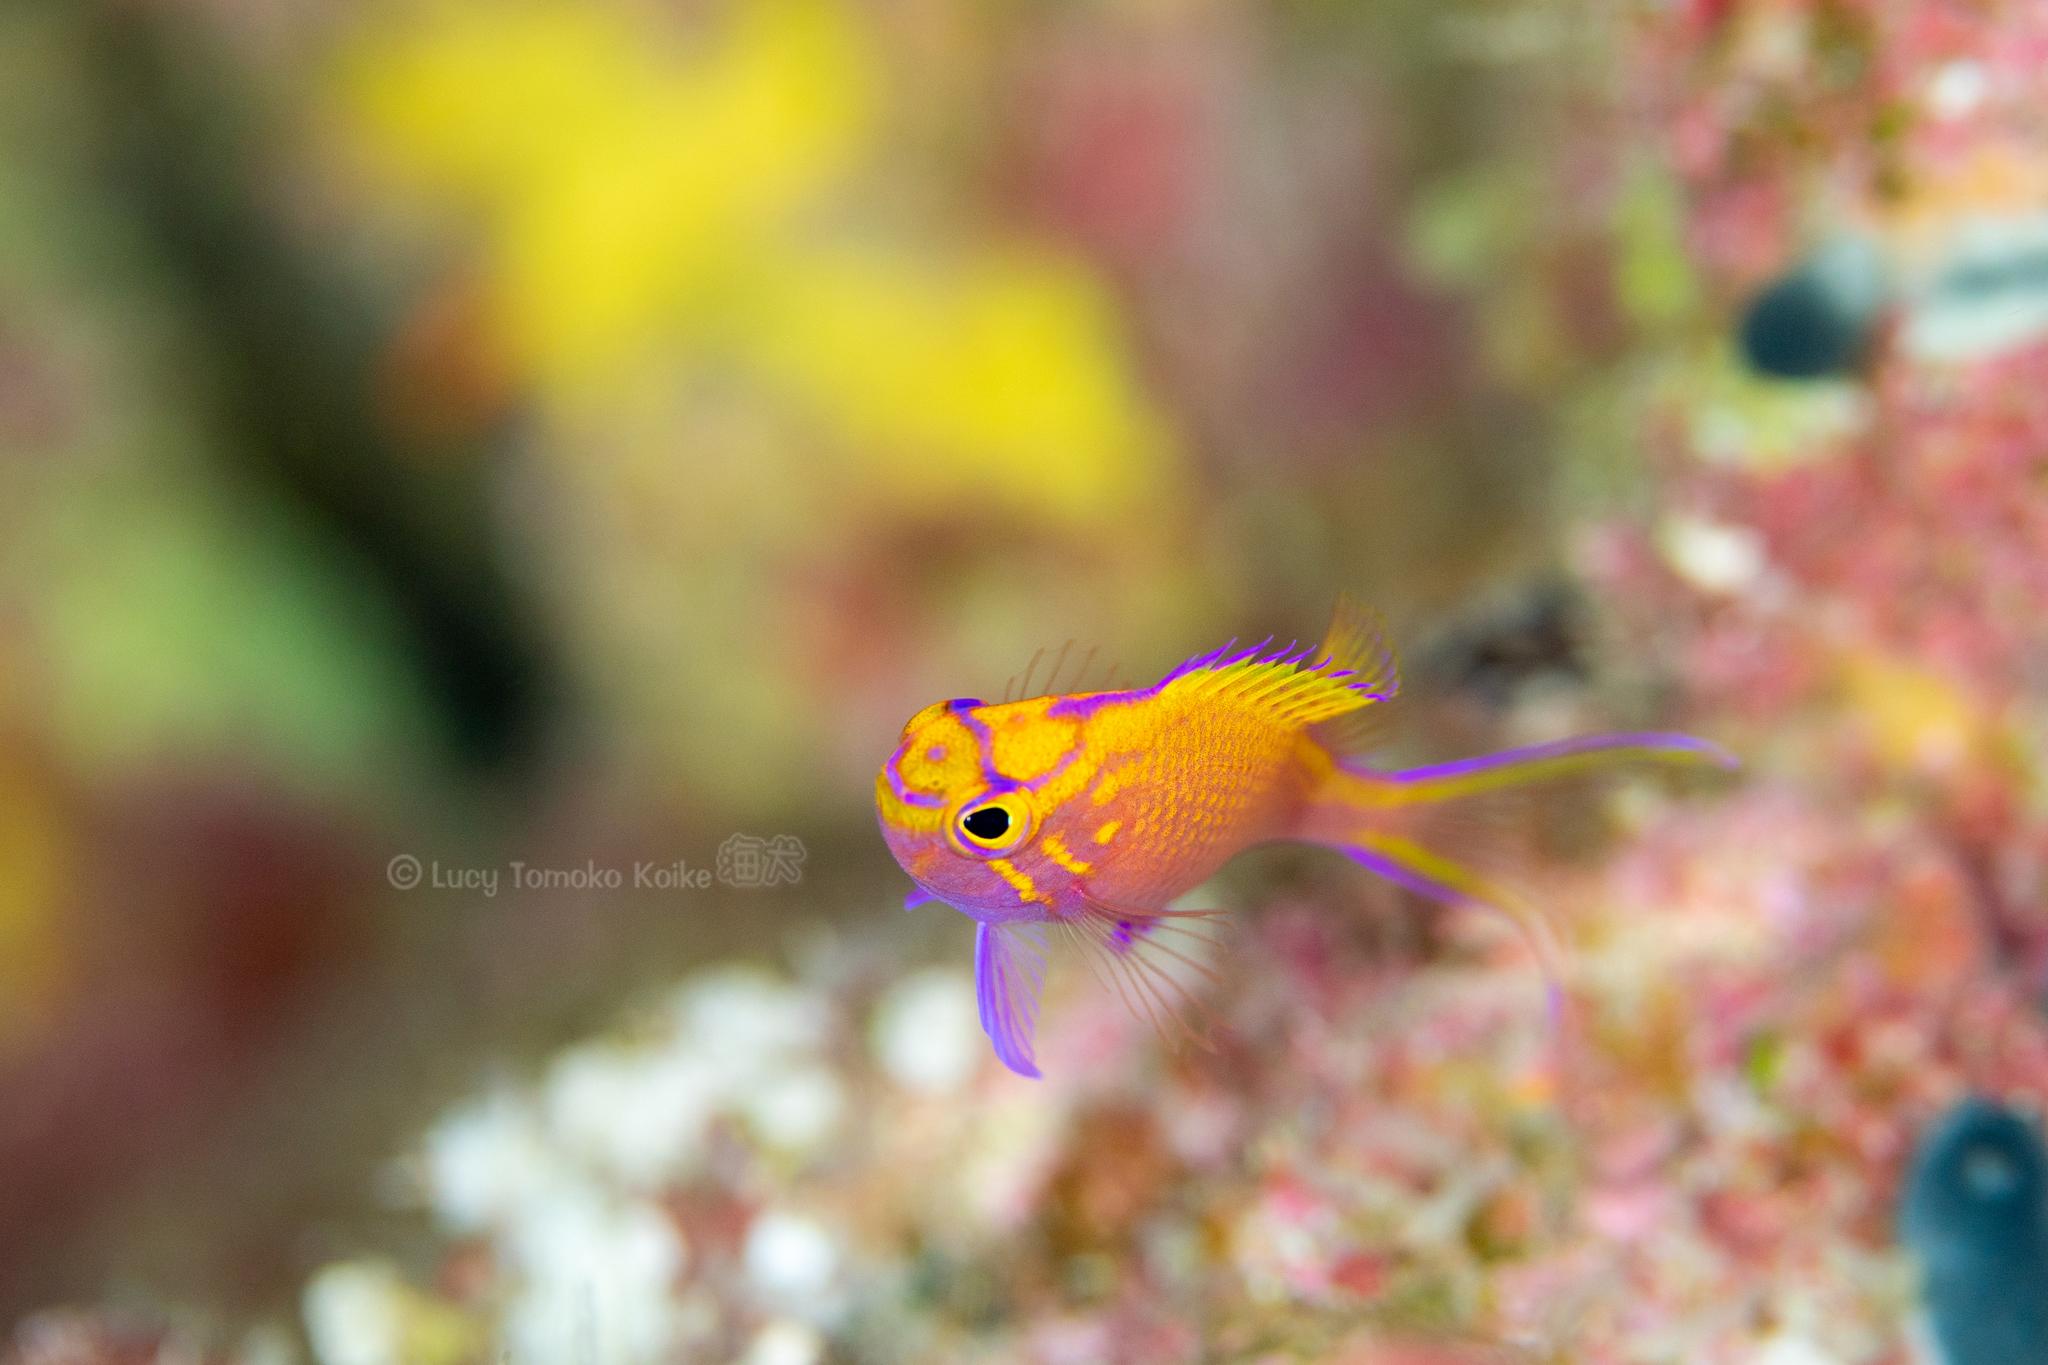 ハナゴンベの幼魚@久米島